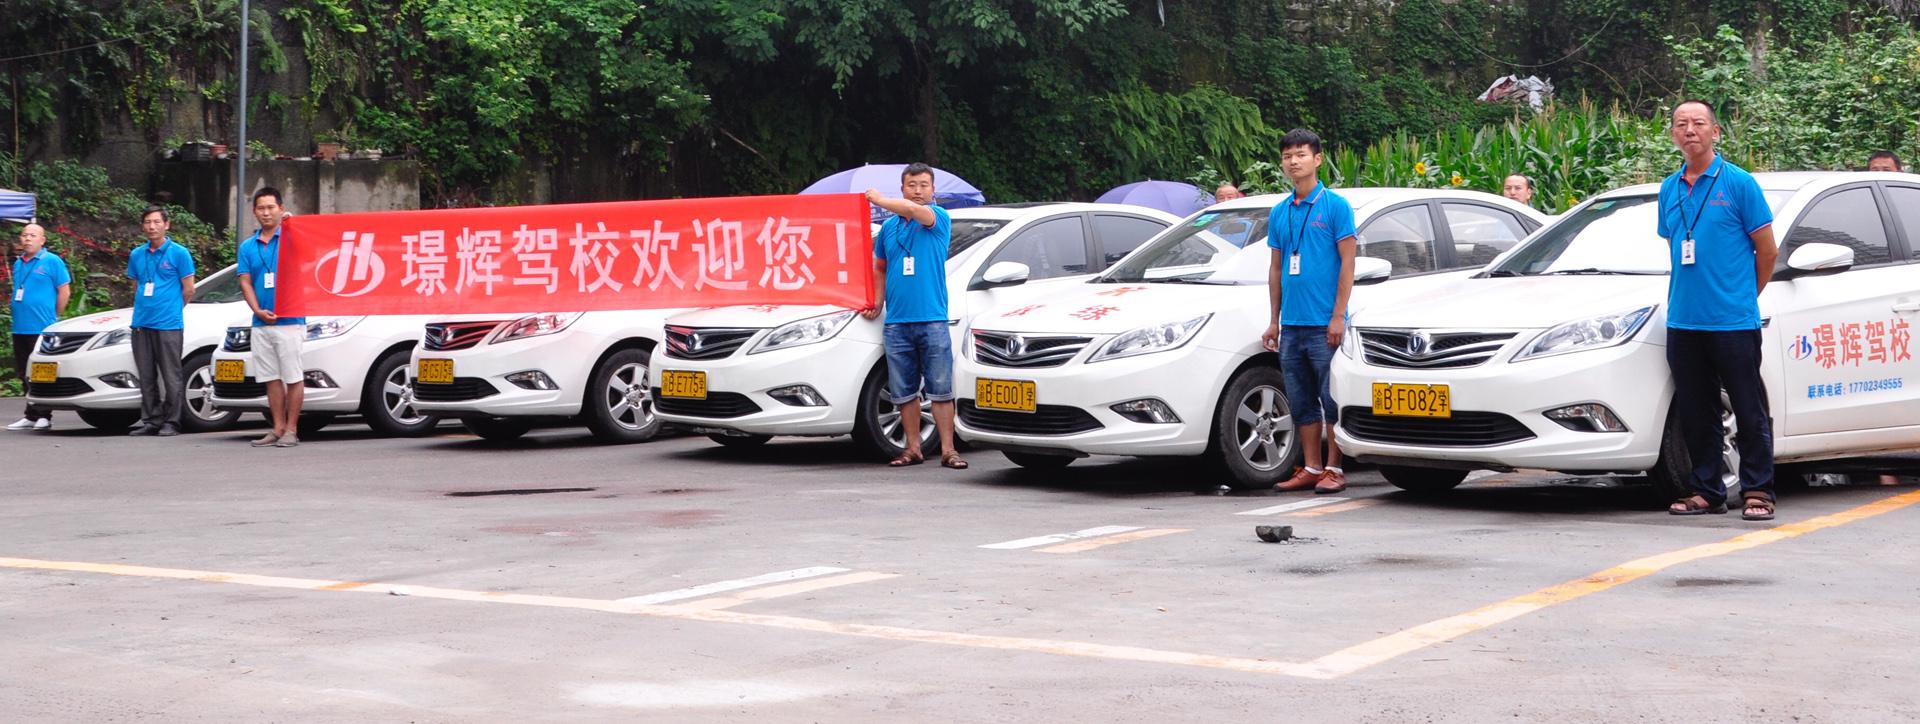 重庆市璟辉汽车驾驶培训有限公司